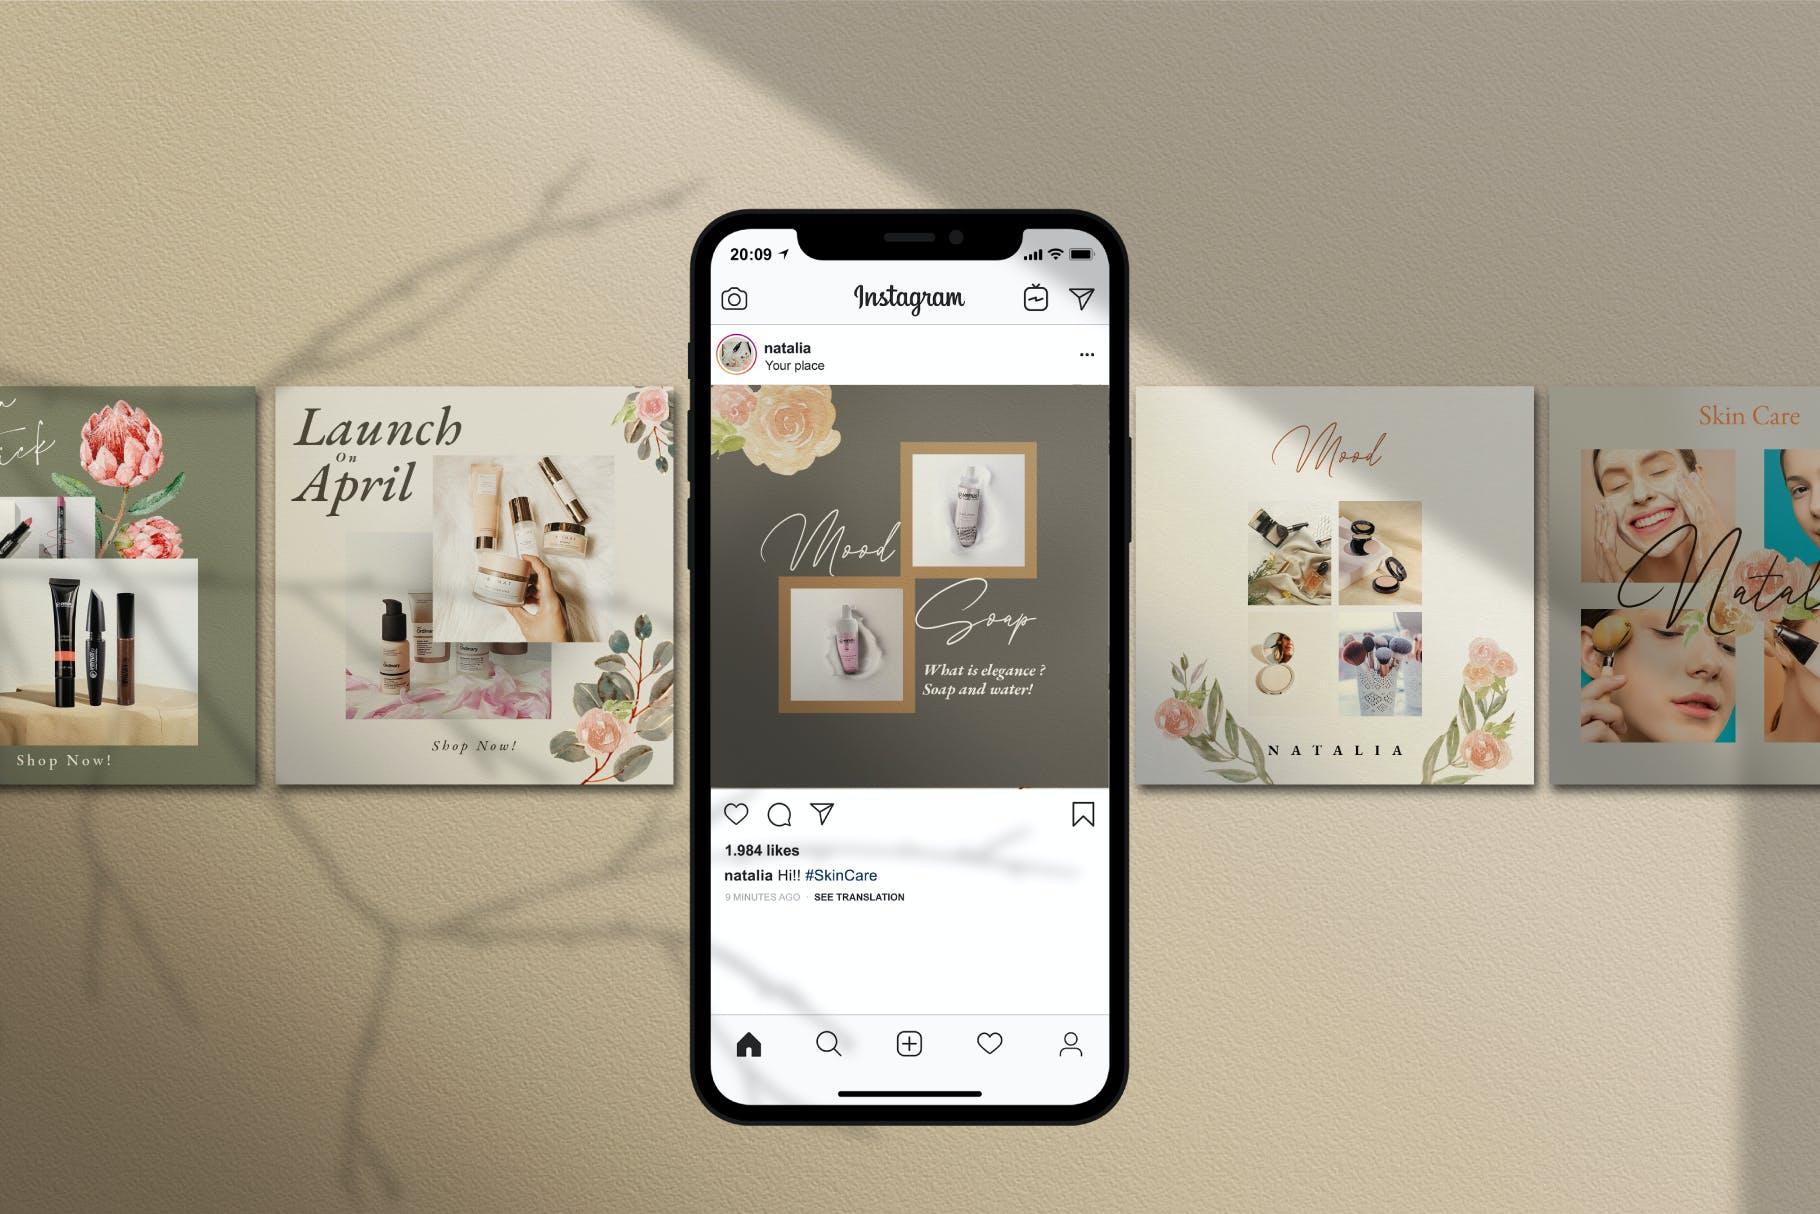 时尚化妆品品牌推广新媒体电商海报设计模板 Natalia – Instagram Post and Stories插图(4)